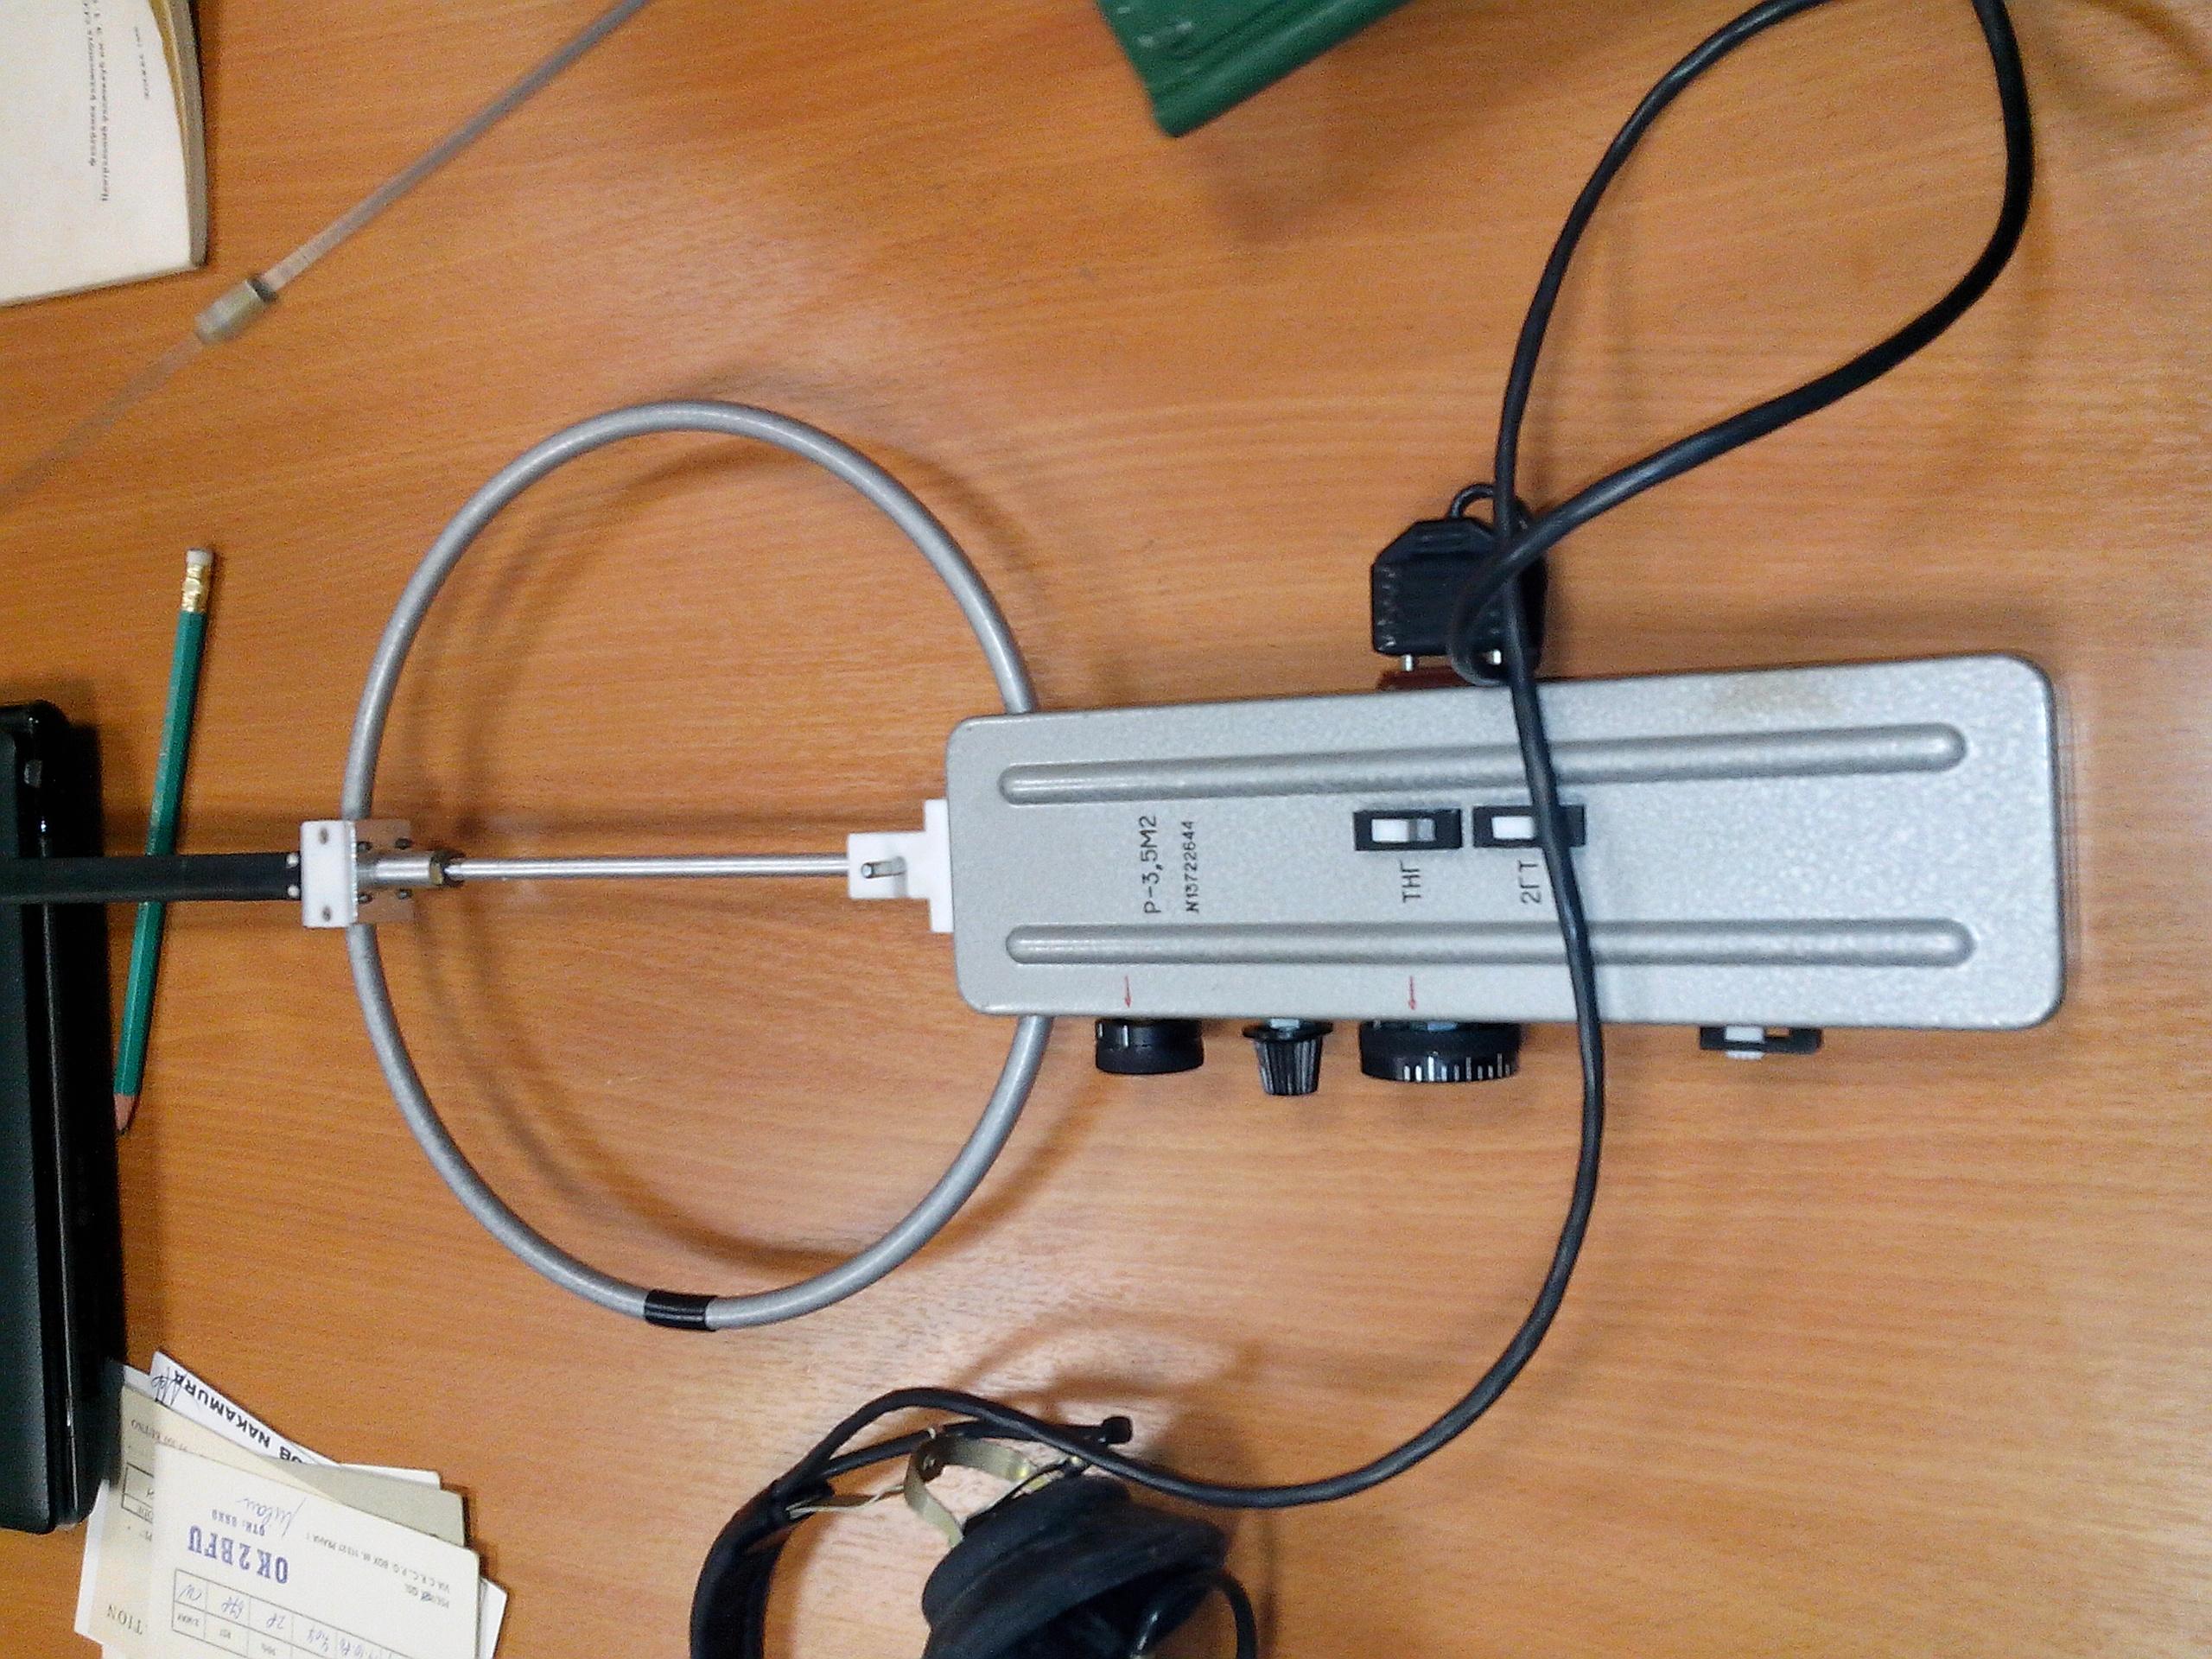 ДМВ антенна и антенные усилители